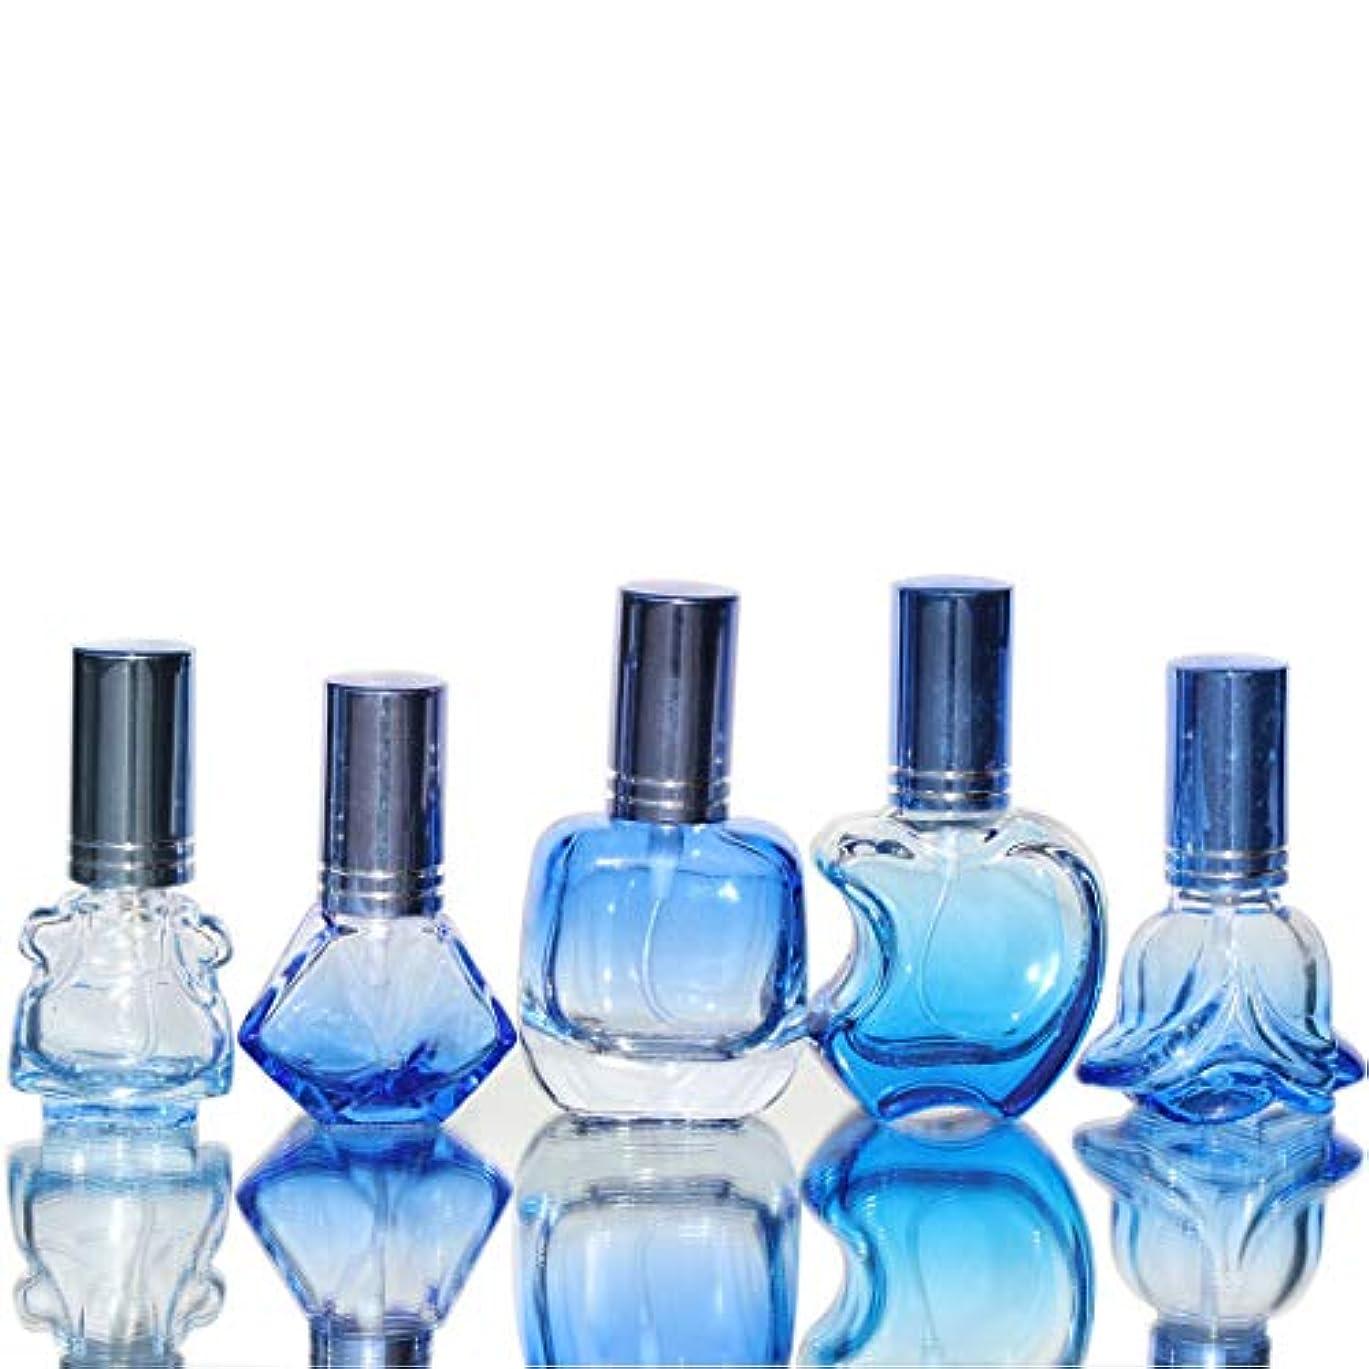 慣れている予想外チャーミングWaltz&F カラフル ガラス製香水瓶 フレグランスボトル 詰替用瓶 空き アトマイザー 分け瓶 旅行用品 化粧水用瓶